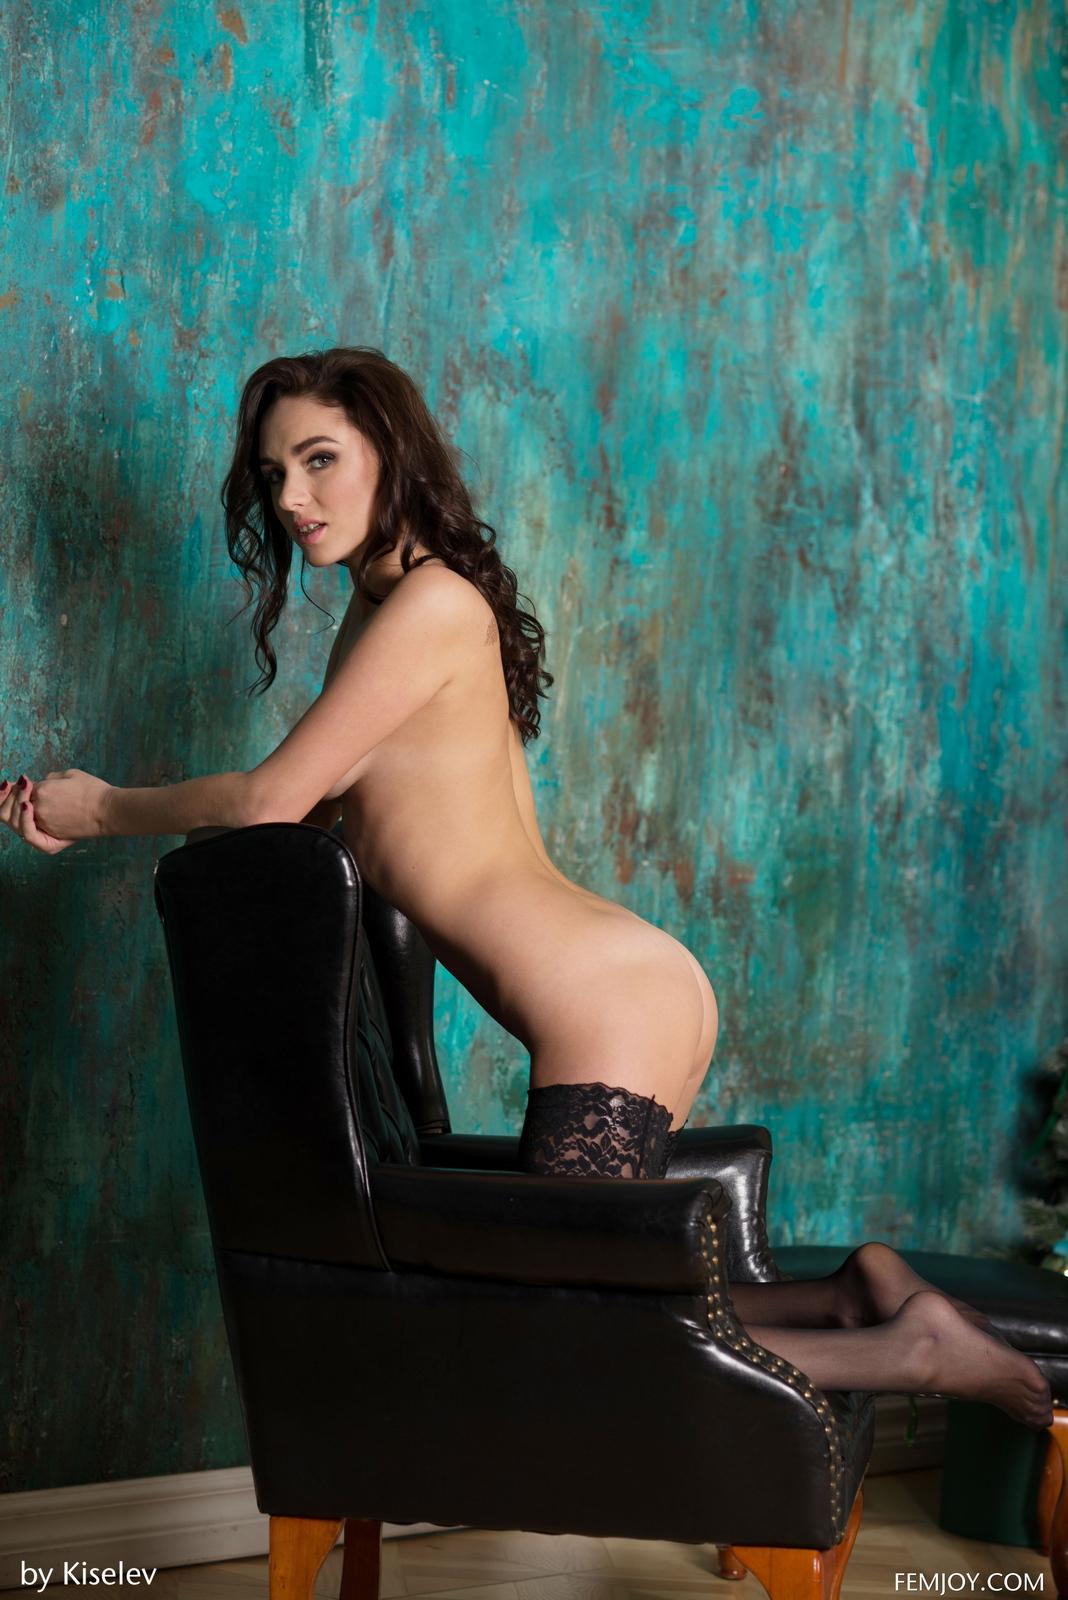 nika-a-nude-black-stockings-armchair-femjoy-15